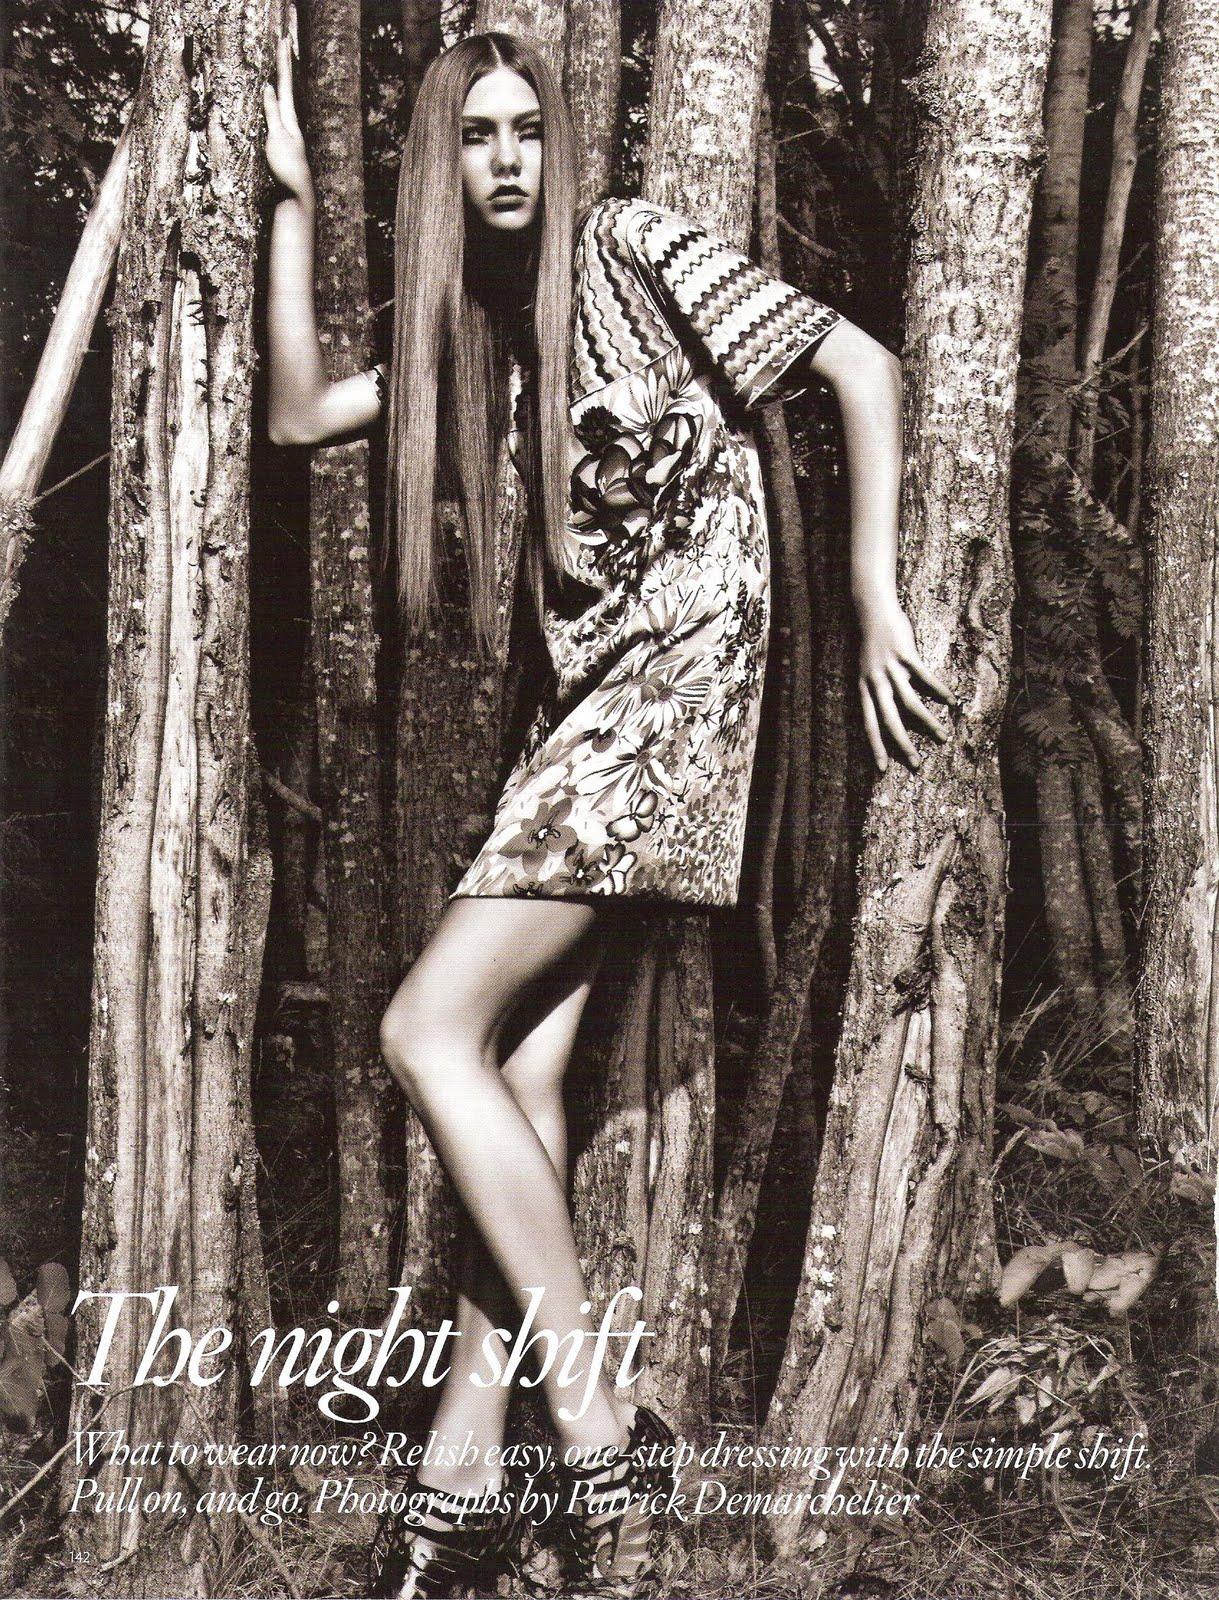 http://3.bp.blogspot.com/_bq6_cE4BJJQ/TKSePMu8VyI/AAAAAAAAcbw/6oDmkCtX-wo/s1600/Patrick+Demarchelier+%C3%97+Karlie+Kloss+-+Vogue+UK+January+2009+-+The+Night+Shift+-+001.jpg